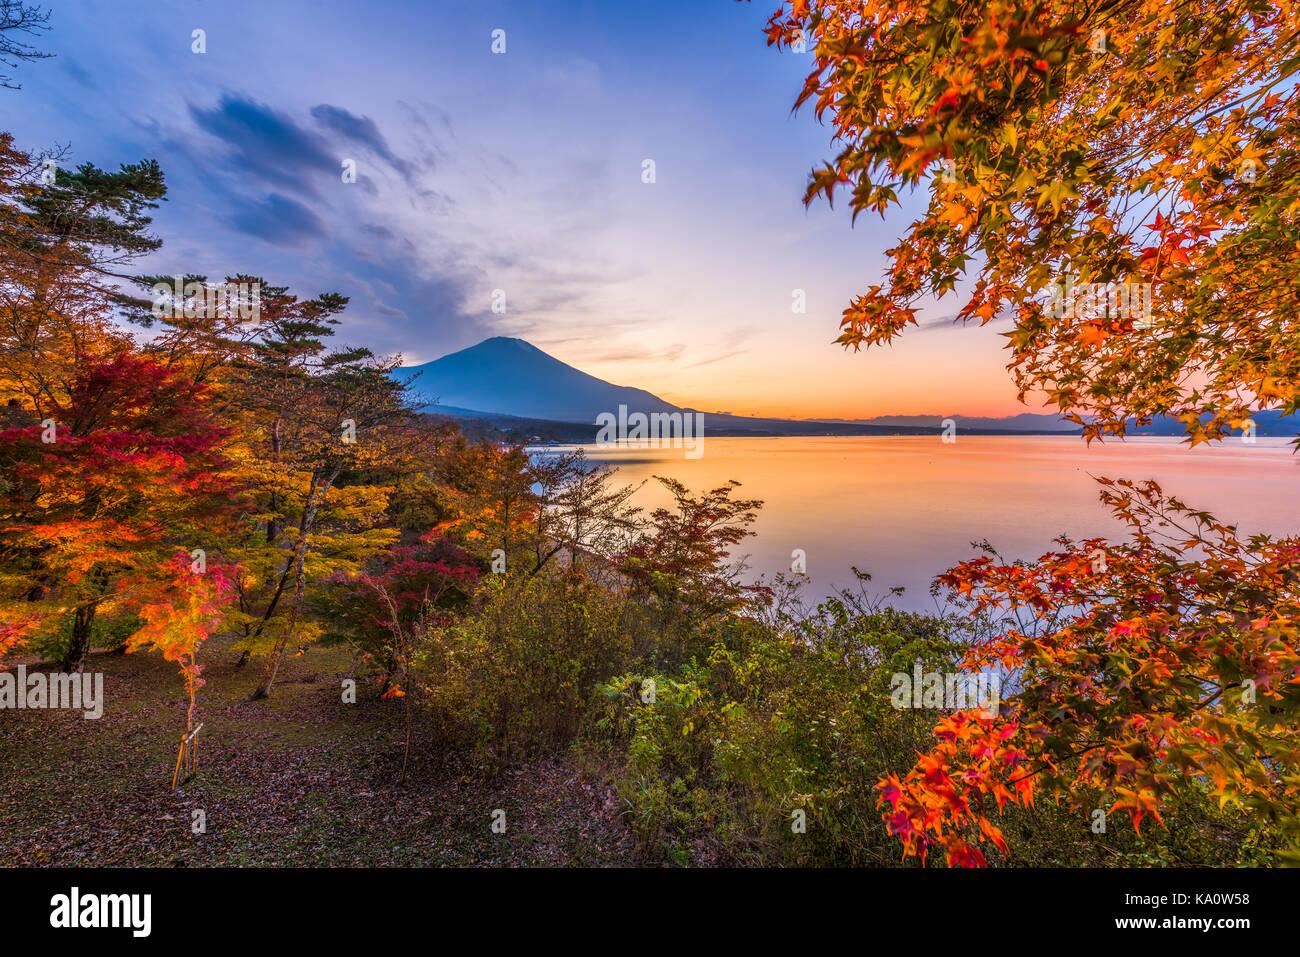 Il lago di Yamanaka, Yamanashi, Giappone con il Monte Fuji durante la stagione autunnale. Immagini Stock